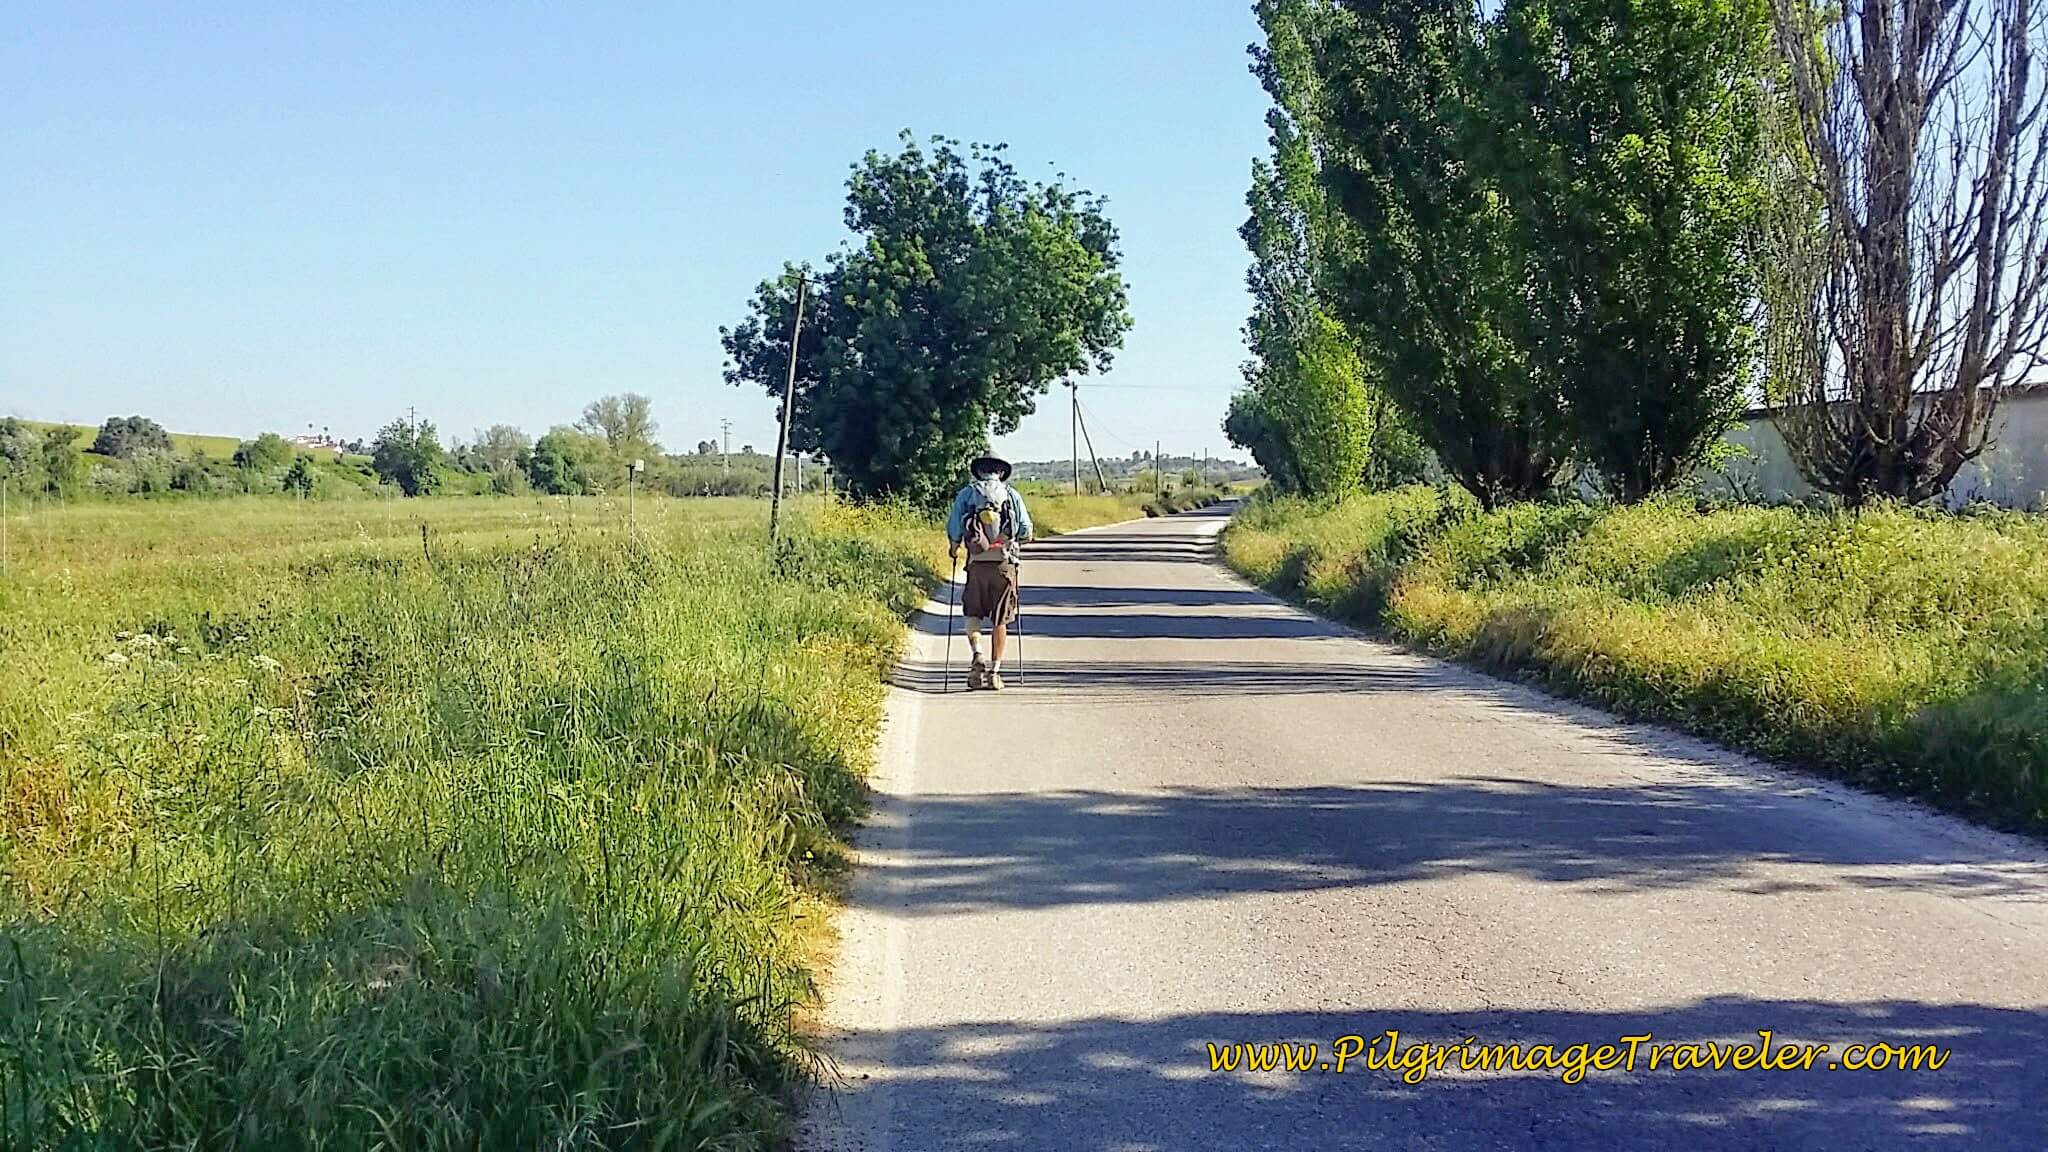 One Kilometer to go to Vale de Figueira